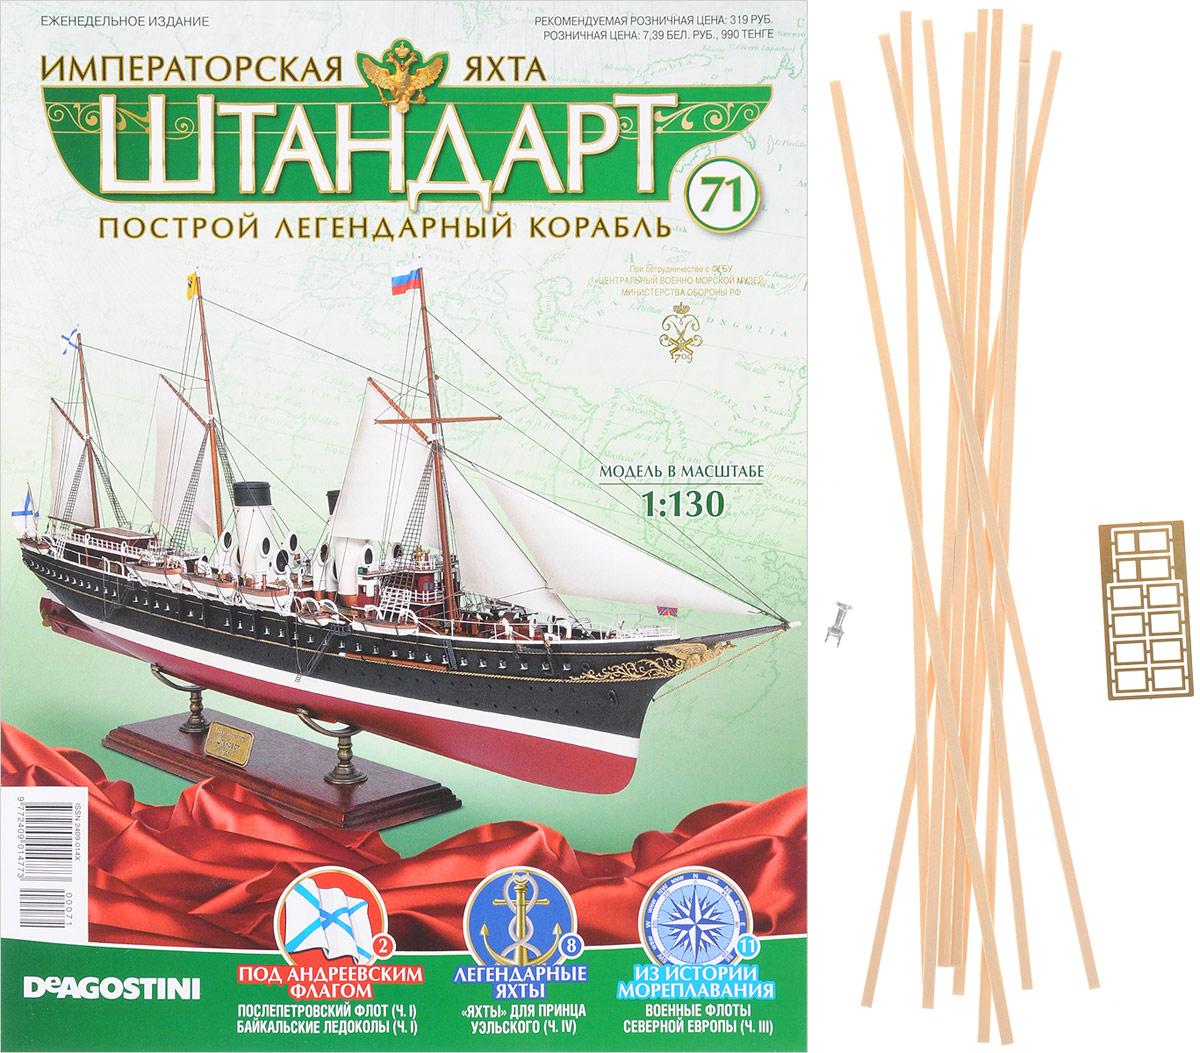 Журнал Императорская яхтаШТАНДАРТ №71